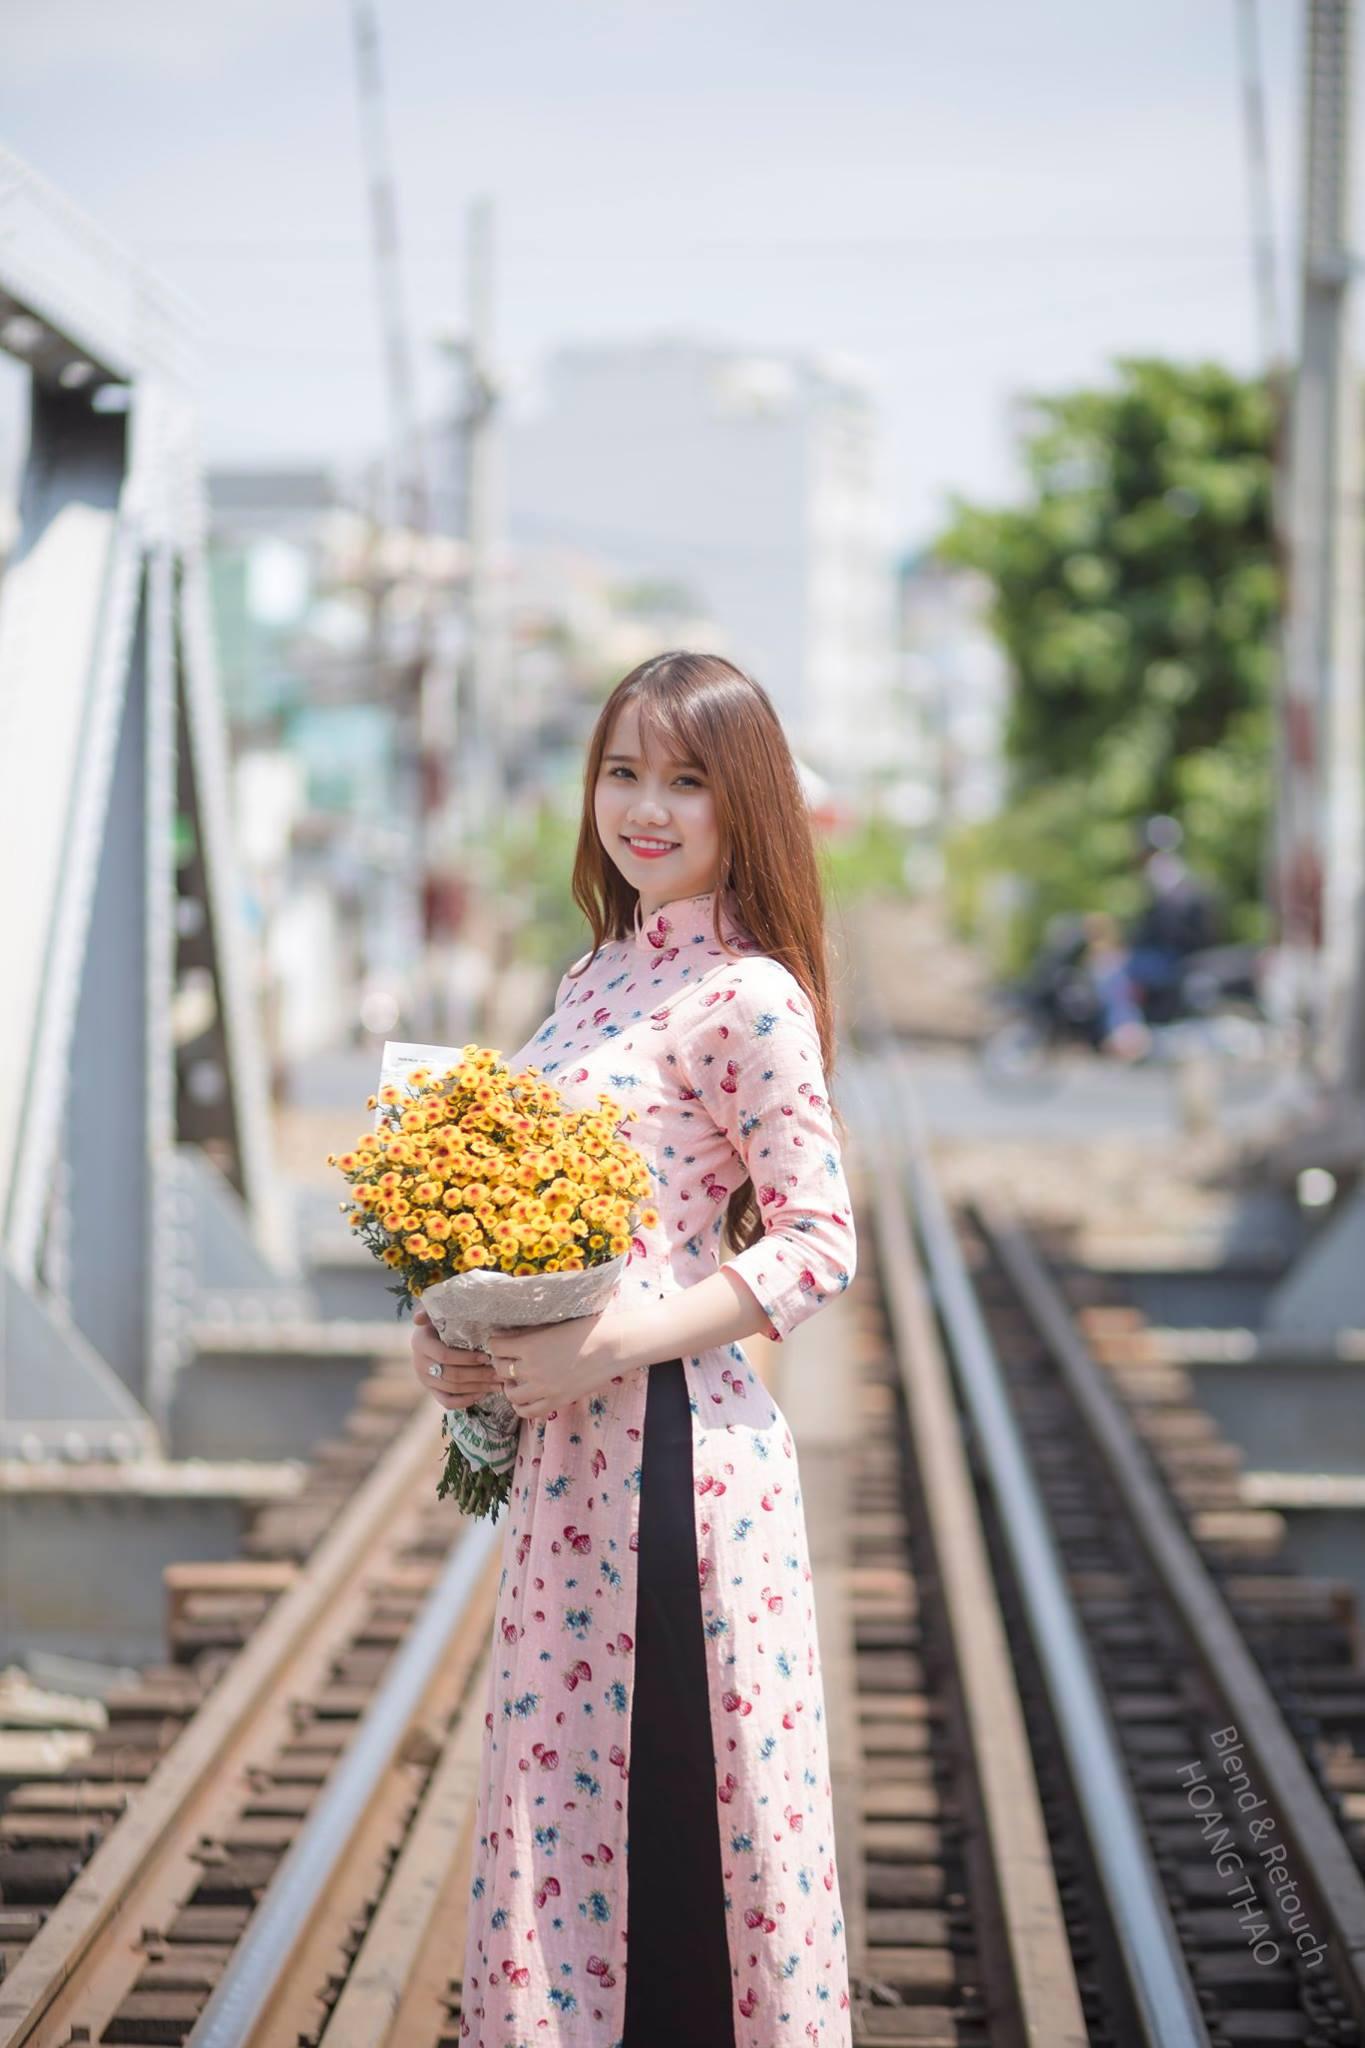 cau binh loi - Những concept chụp hình áo dài nghệ thuật đẹp nhất hiện nay - HThao Studio